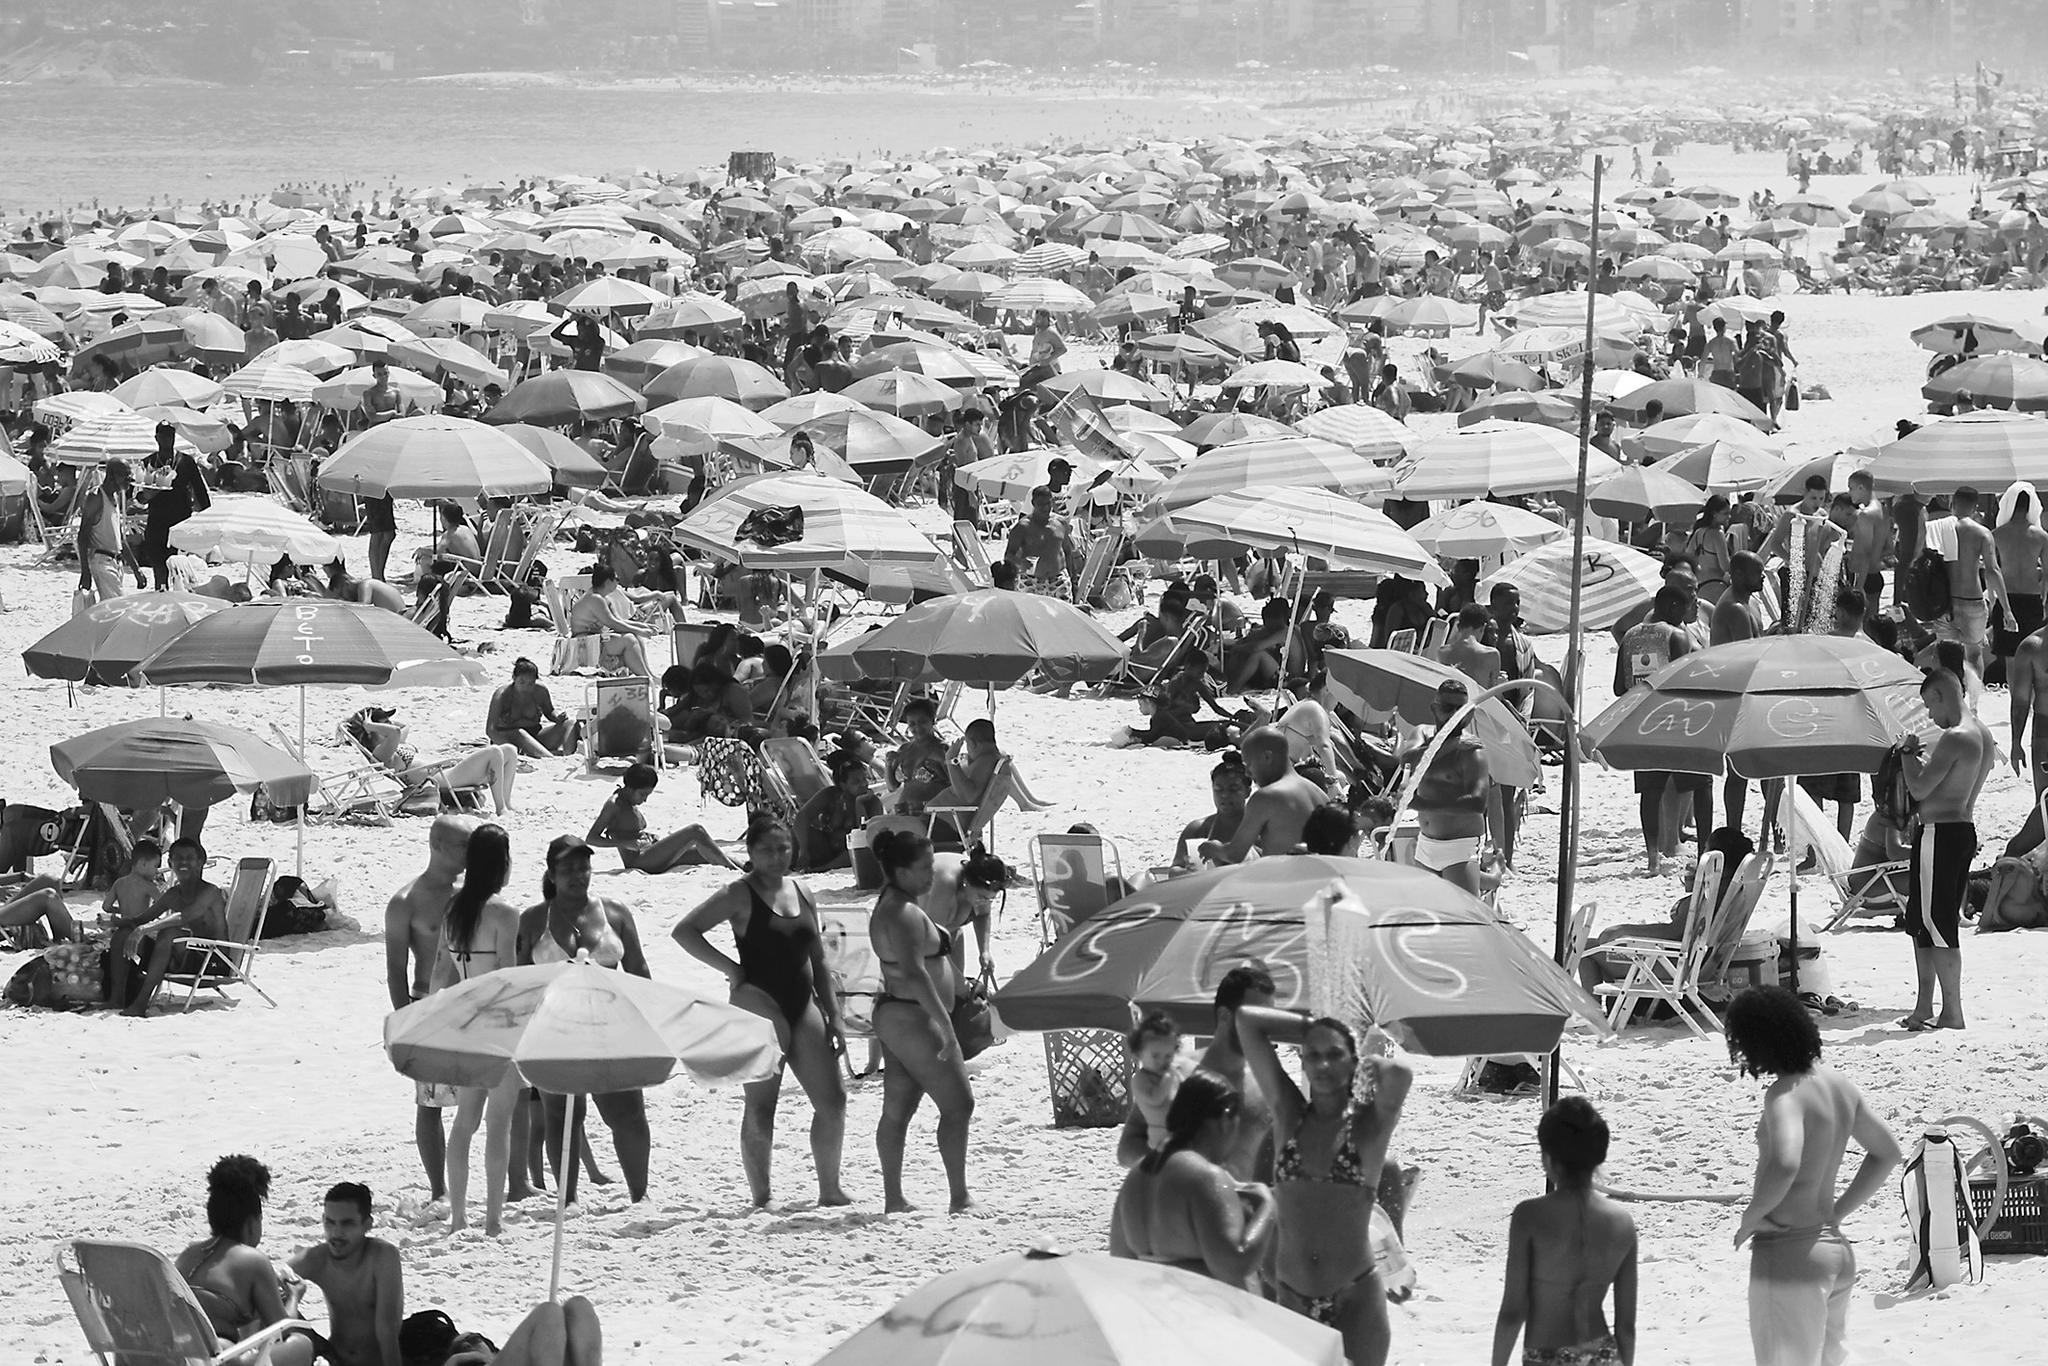 巴西海滩人山人海